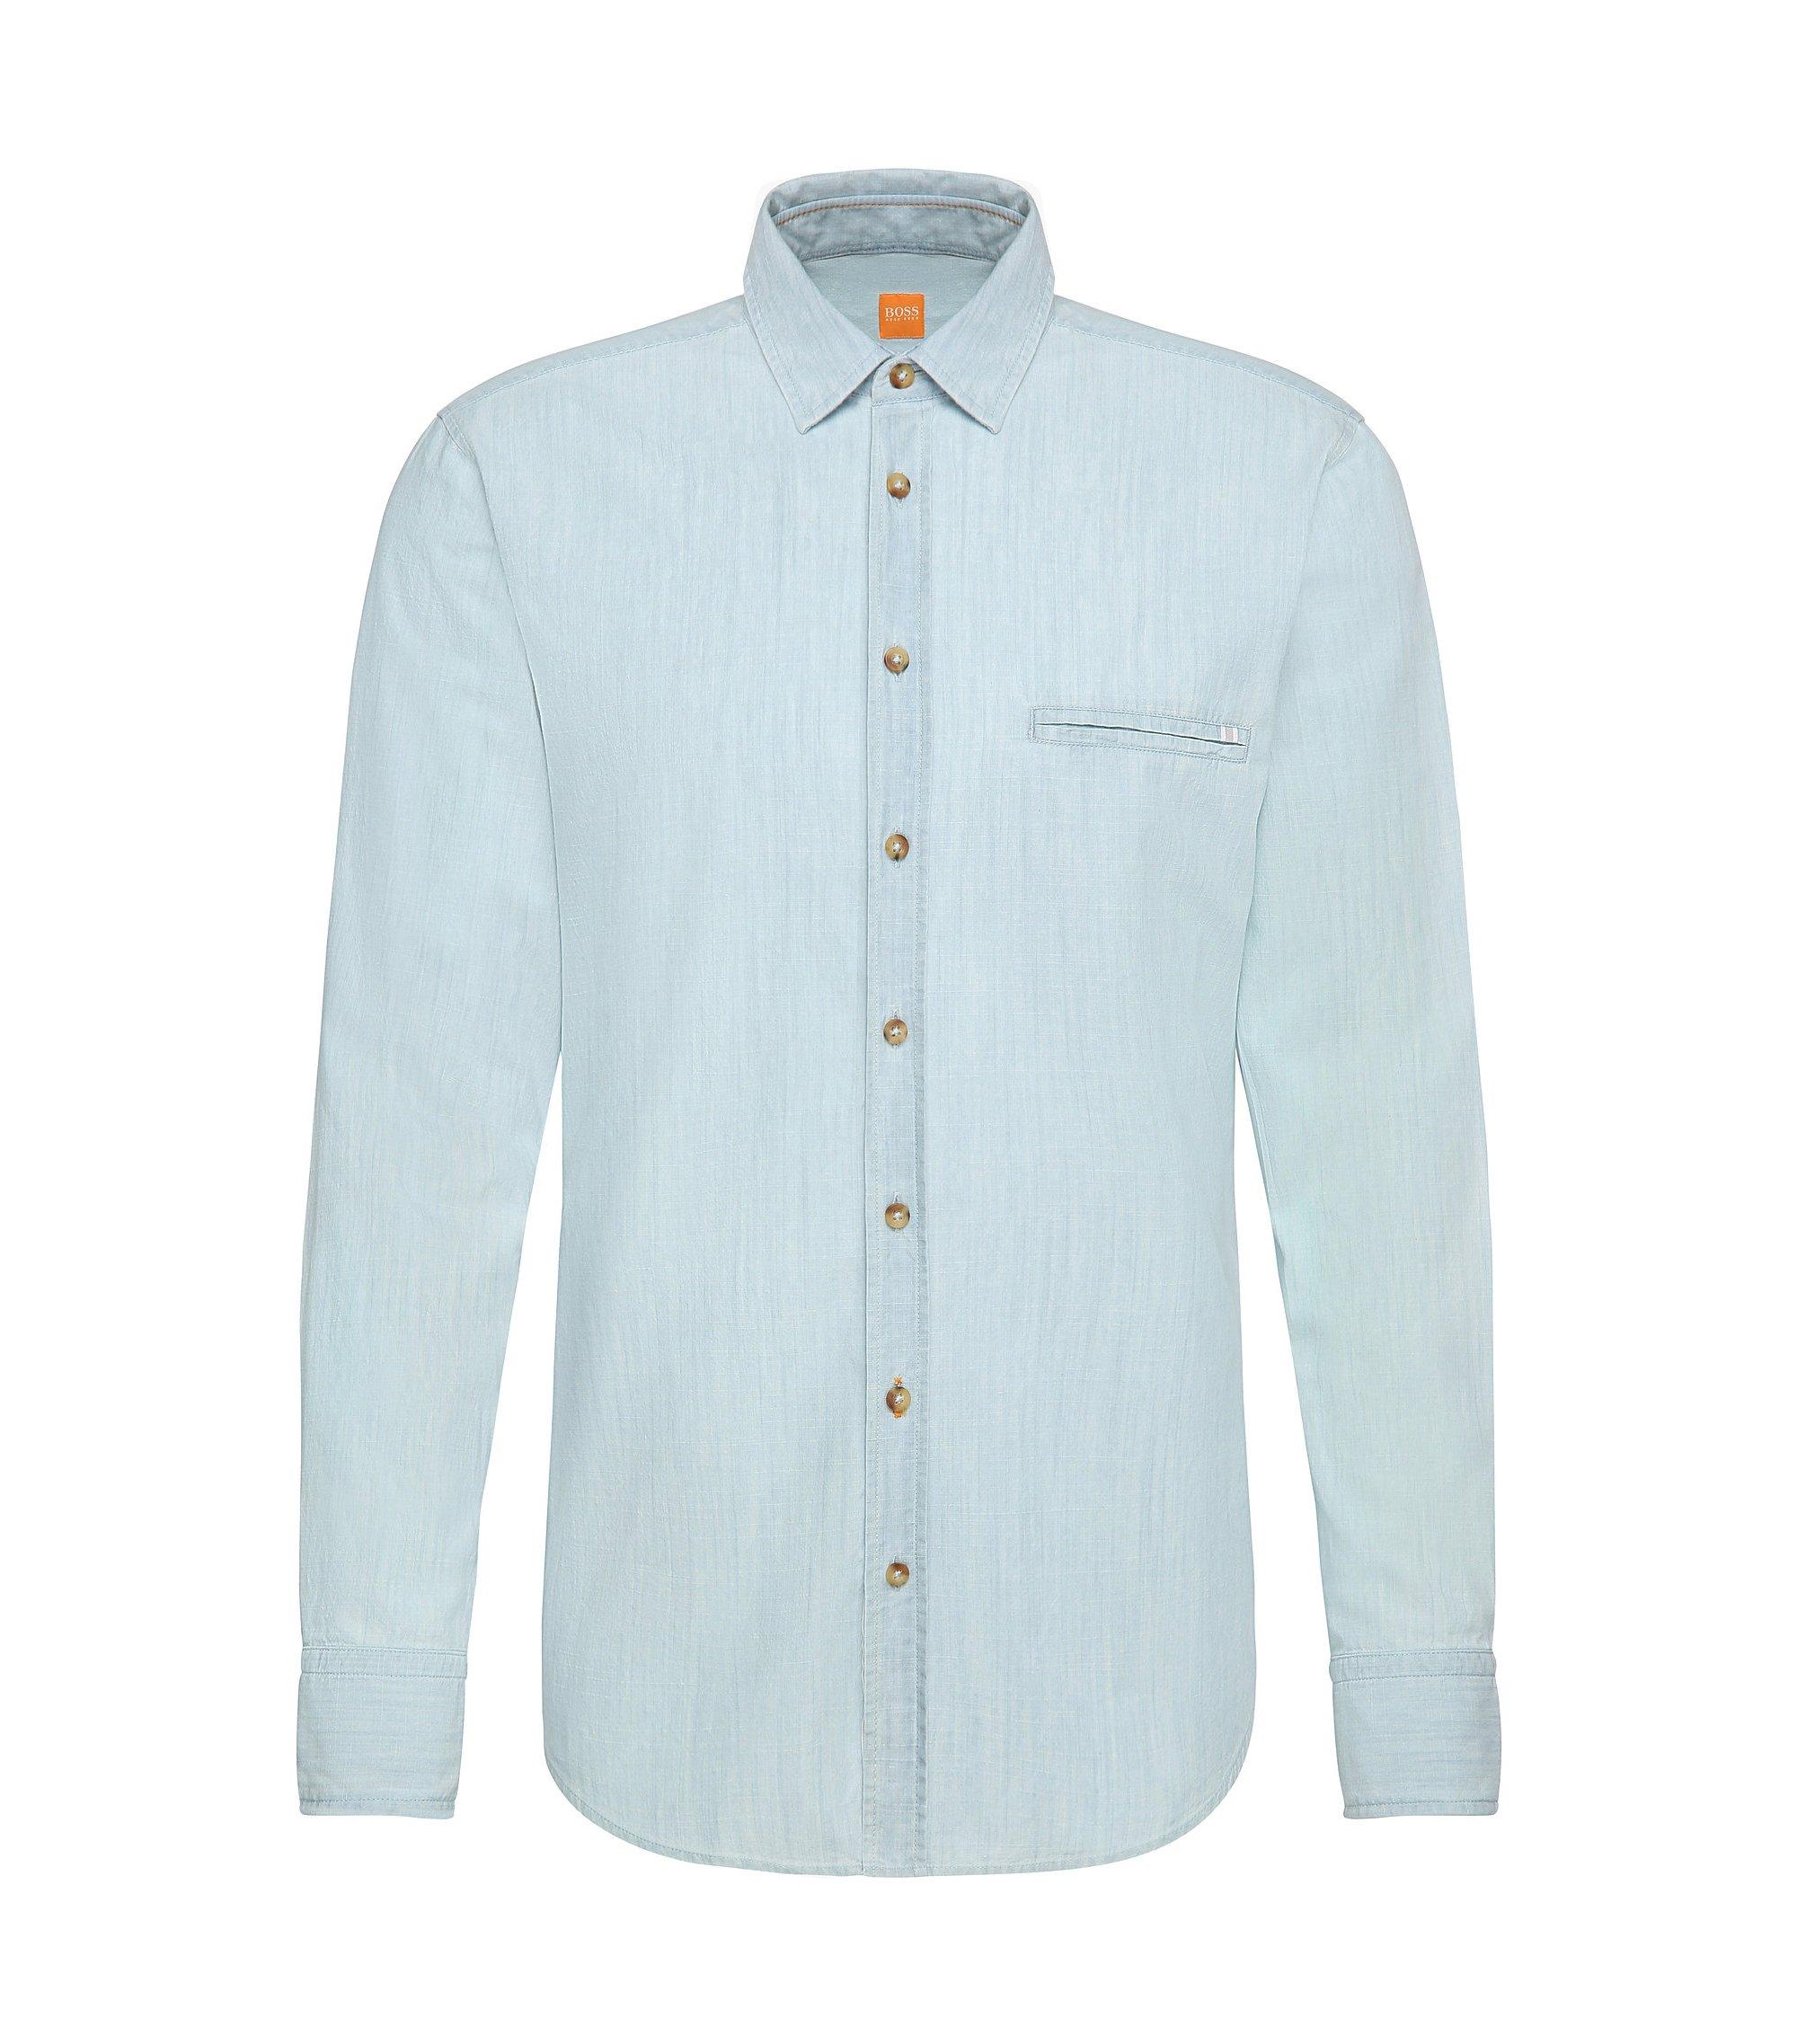 Cotton Denim Button Down Shirt, Regular Fit | Elvedge, Open Blue